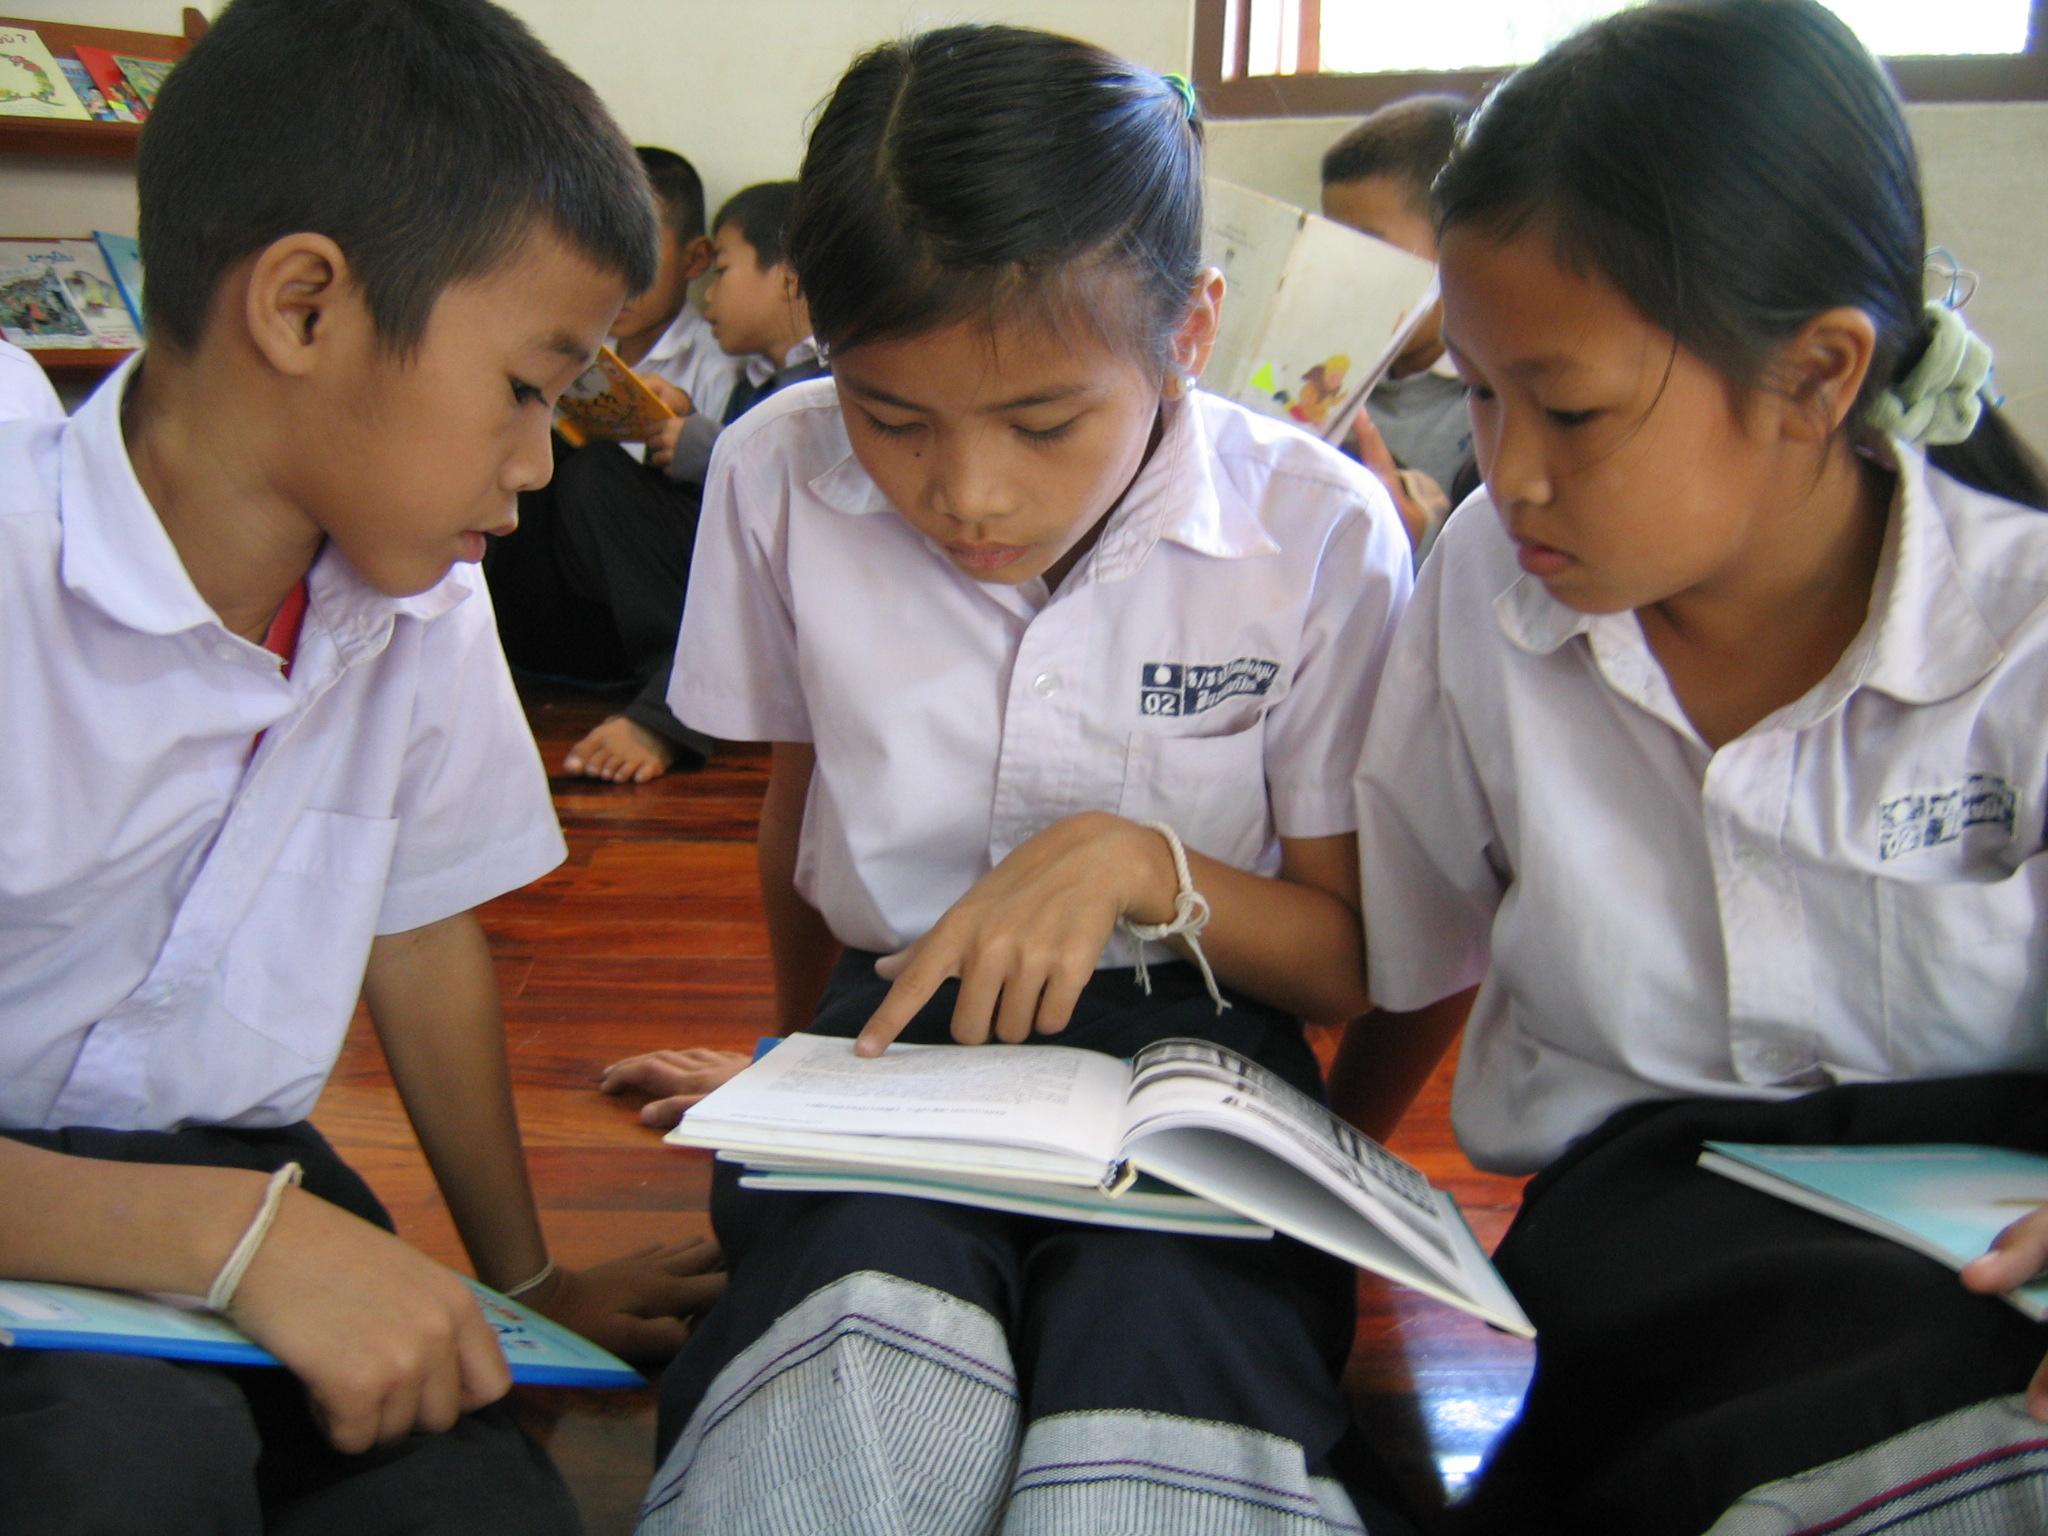 ラオスにある学校図書室12カ所へ新しい本のセットを 届けるため、書き損じ・使い残しハガキ等を募集!